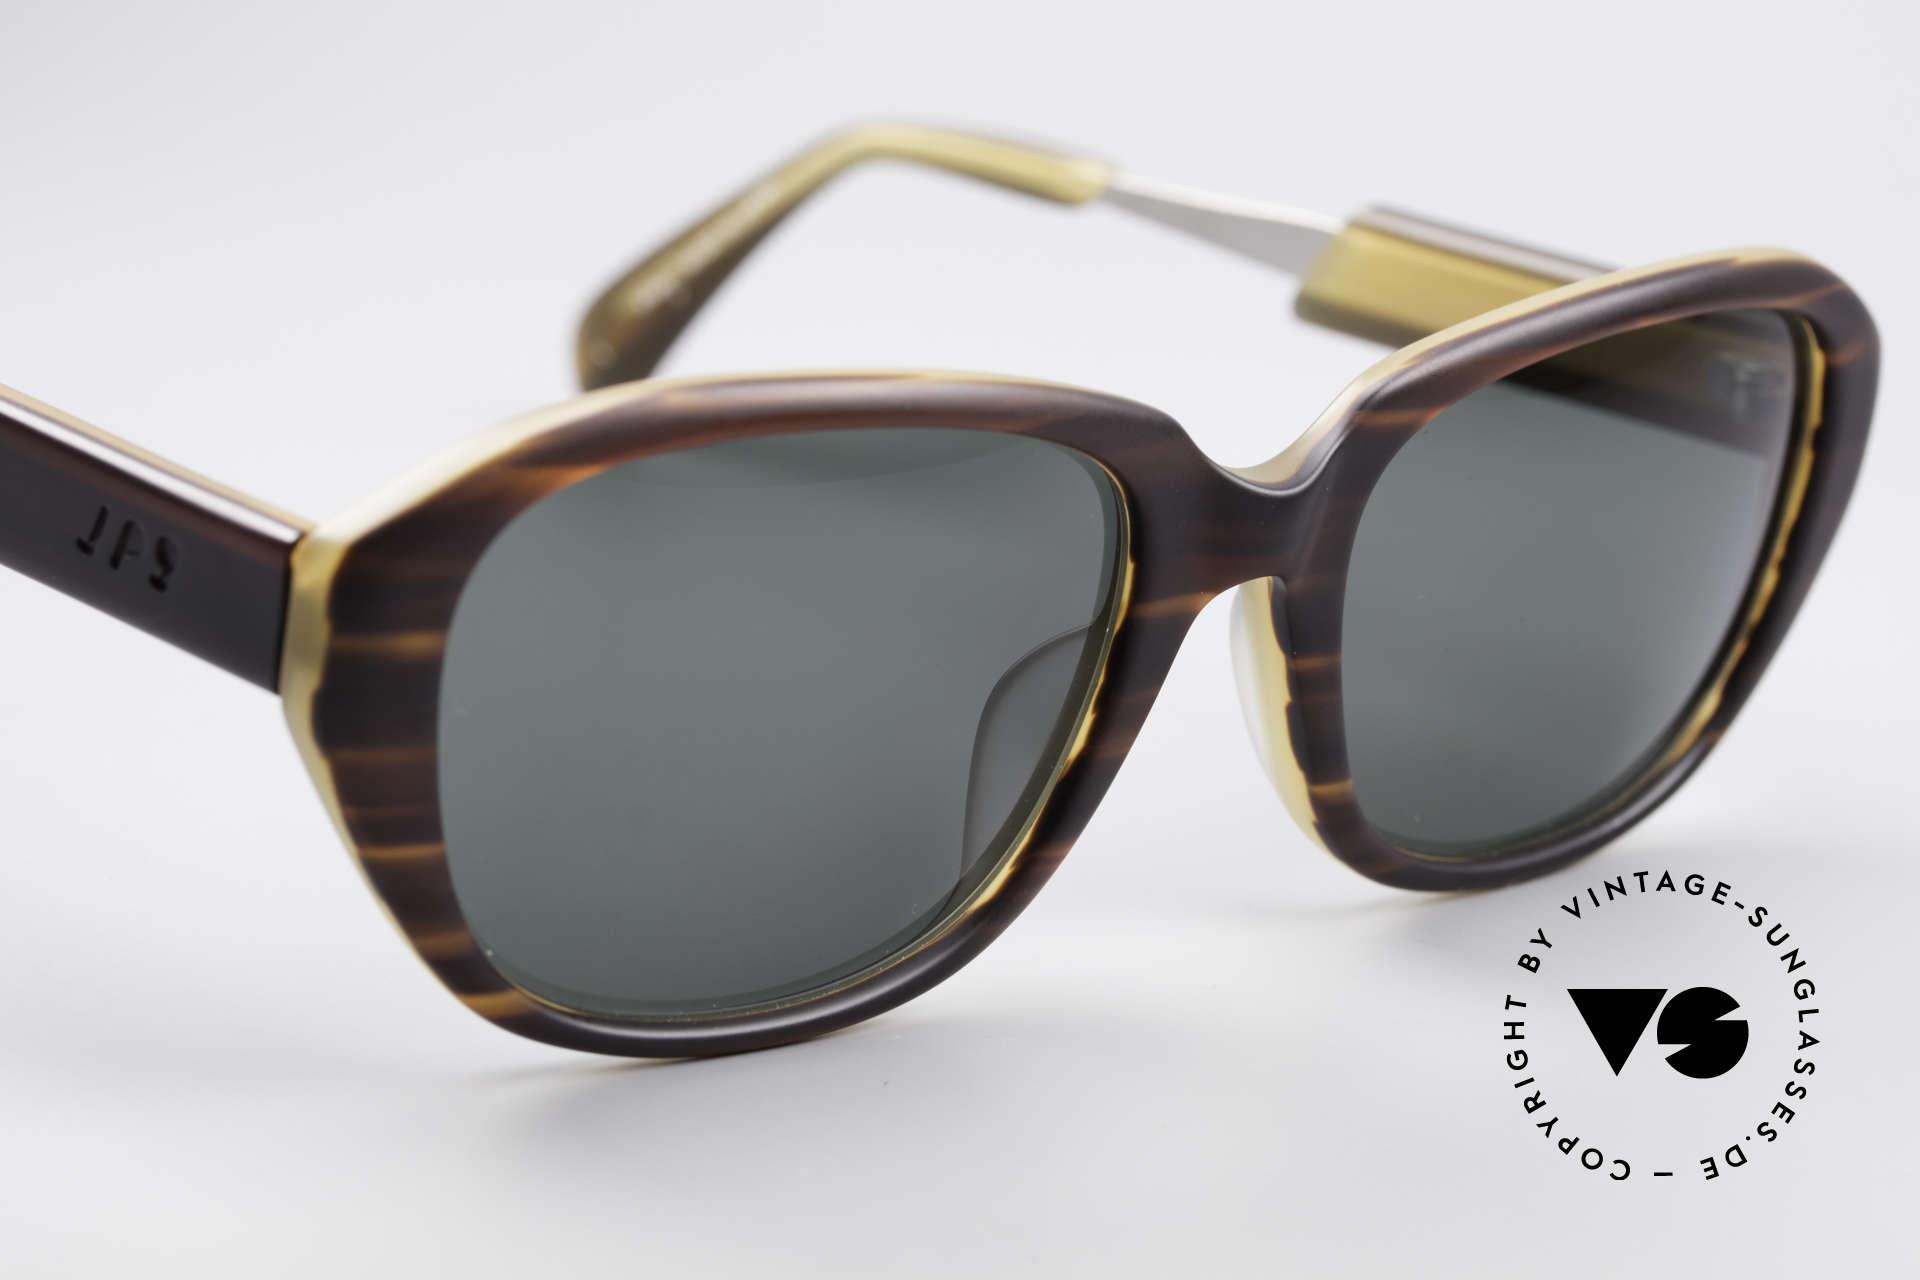 Jean Paul Gaultier 56-1072 90er Designer Sonnenbrille, KEINE RETRO-Sonnenbrille, 100% vintage ORIGINAL, Passend für Herren und Damen